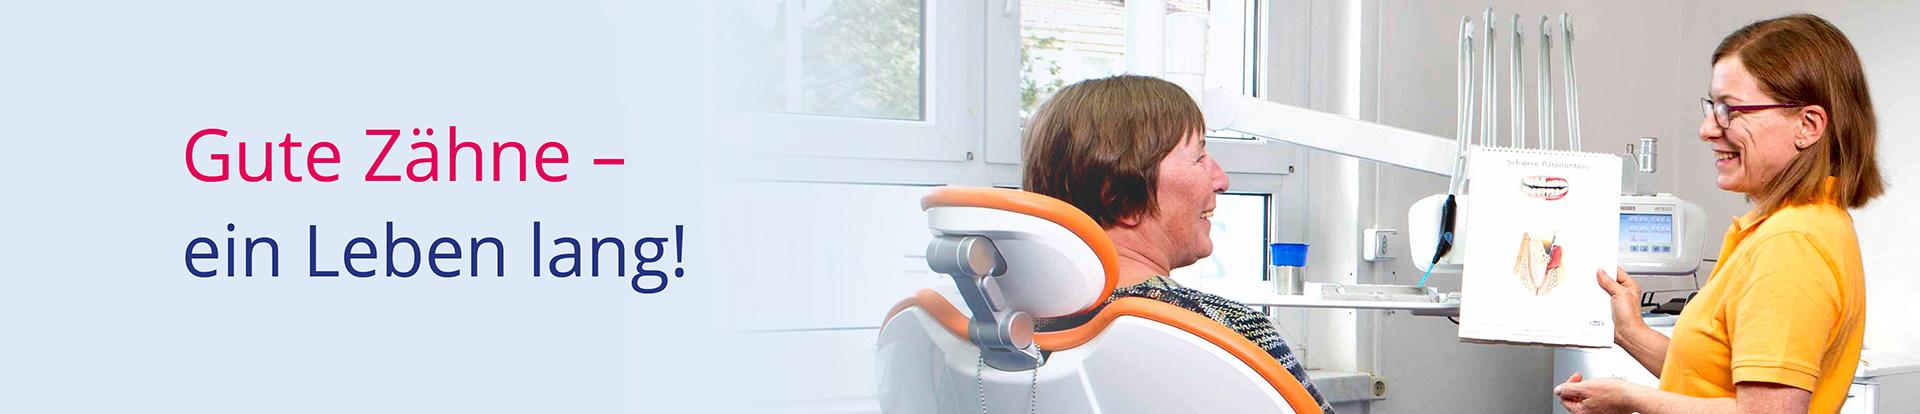 Gute-Zähne-ein-Leben-lang